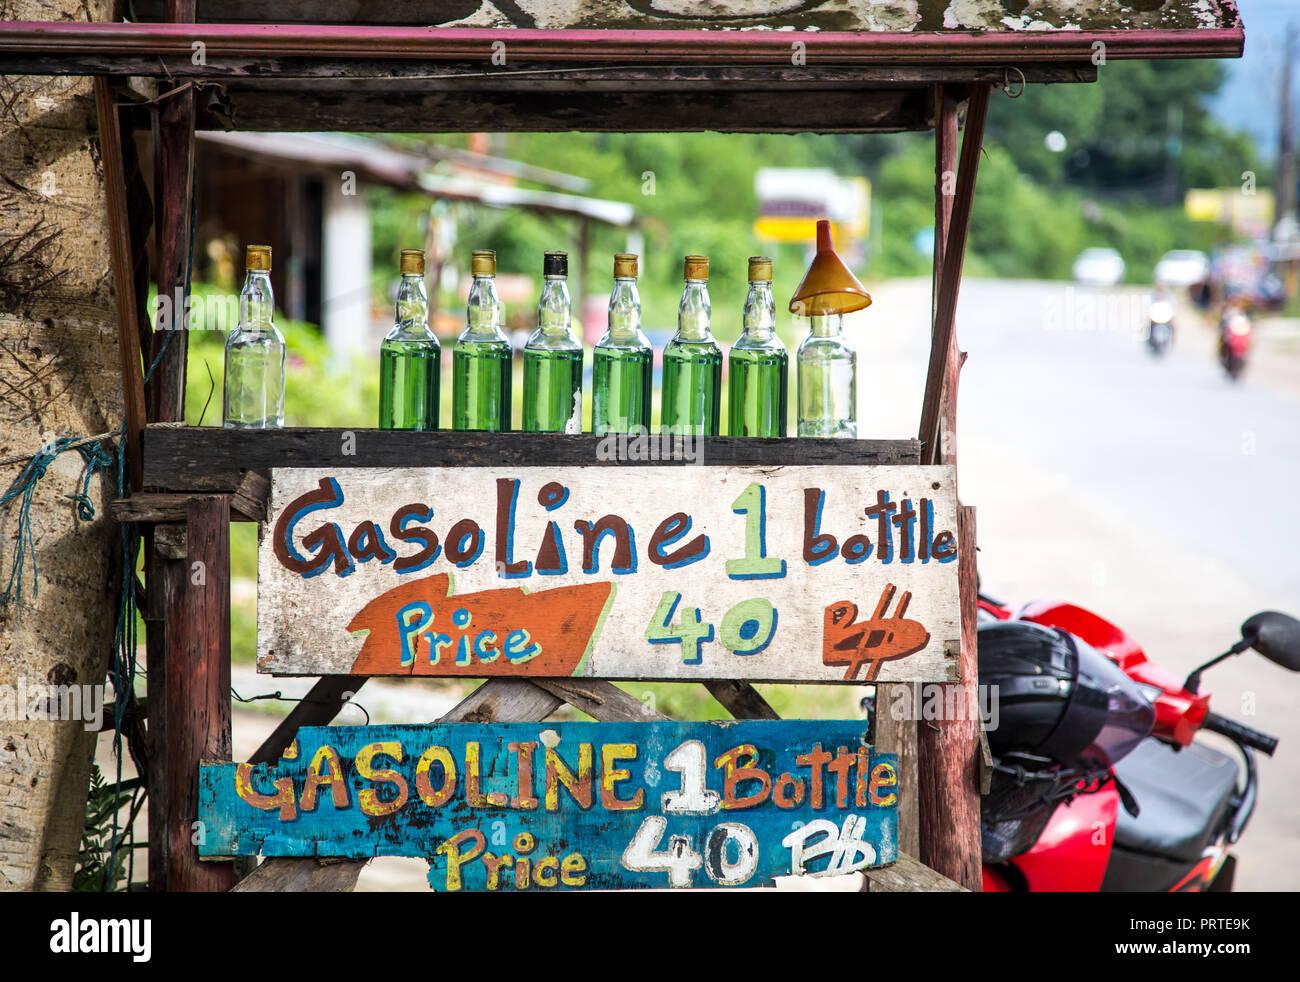 Venezuela crisis economica - Página 15 La-venta-de-gasolina-en-botellas-de-vidrio-de-koh-chang-tailandia-prte9k